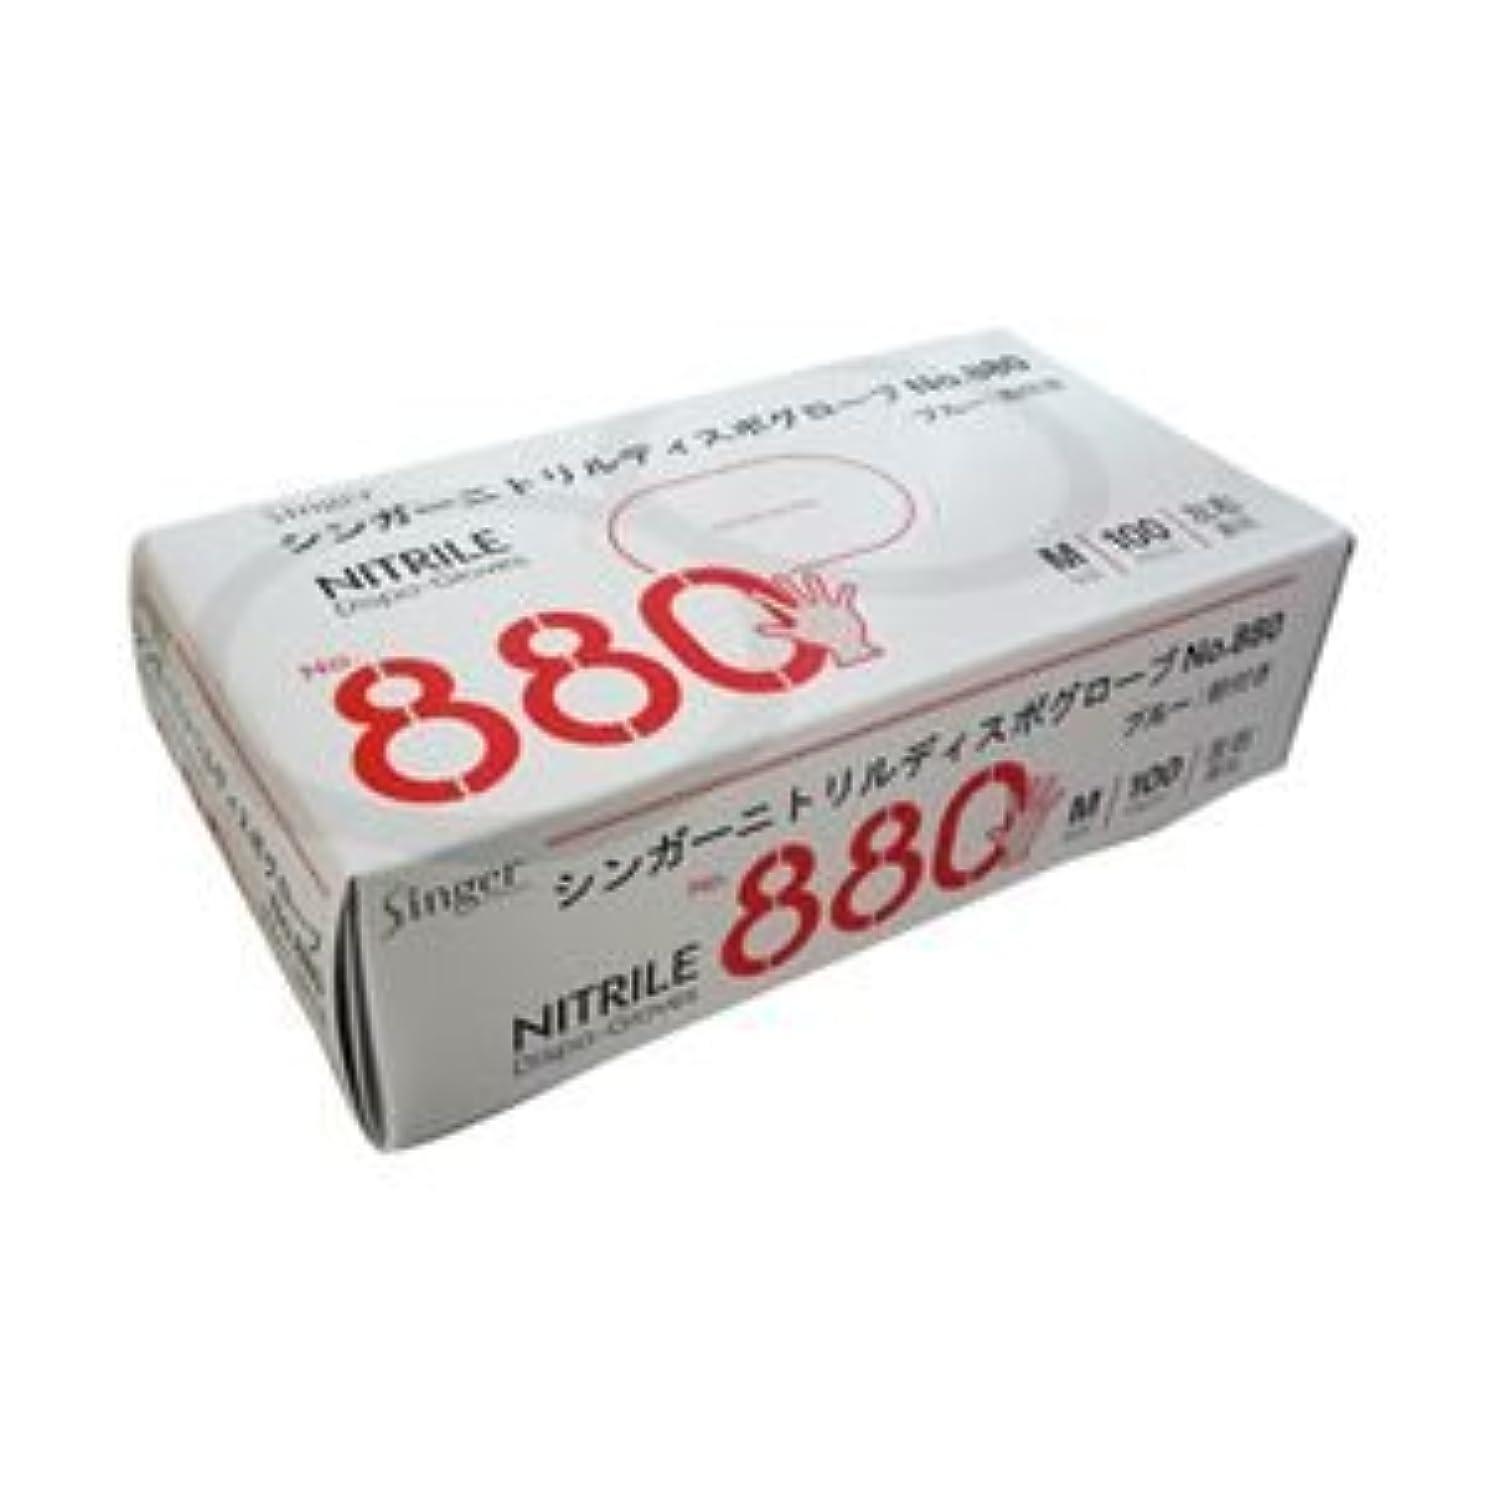 宇都宮製作 ニトリル手袋 粉付き ブルー M 1箱(100枚) ×5セット